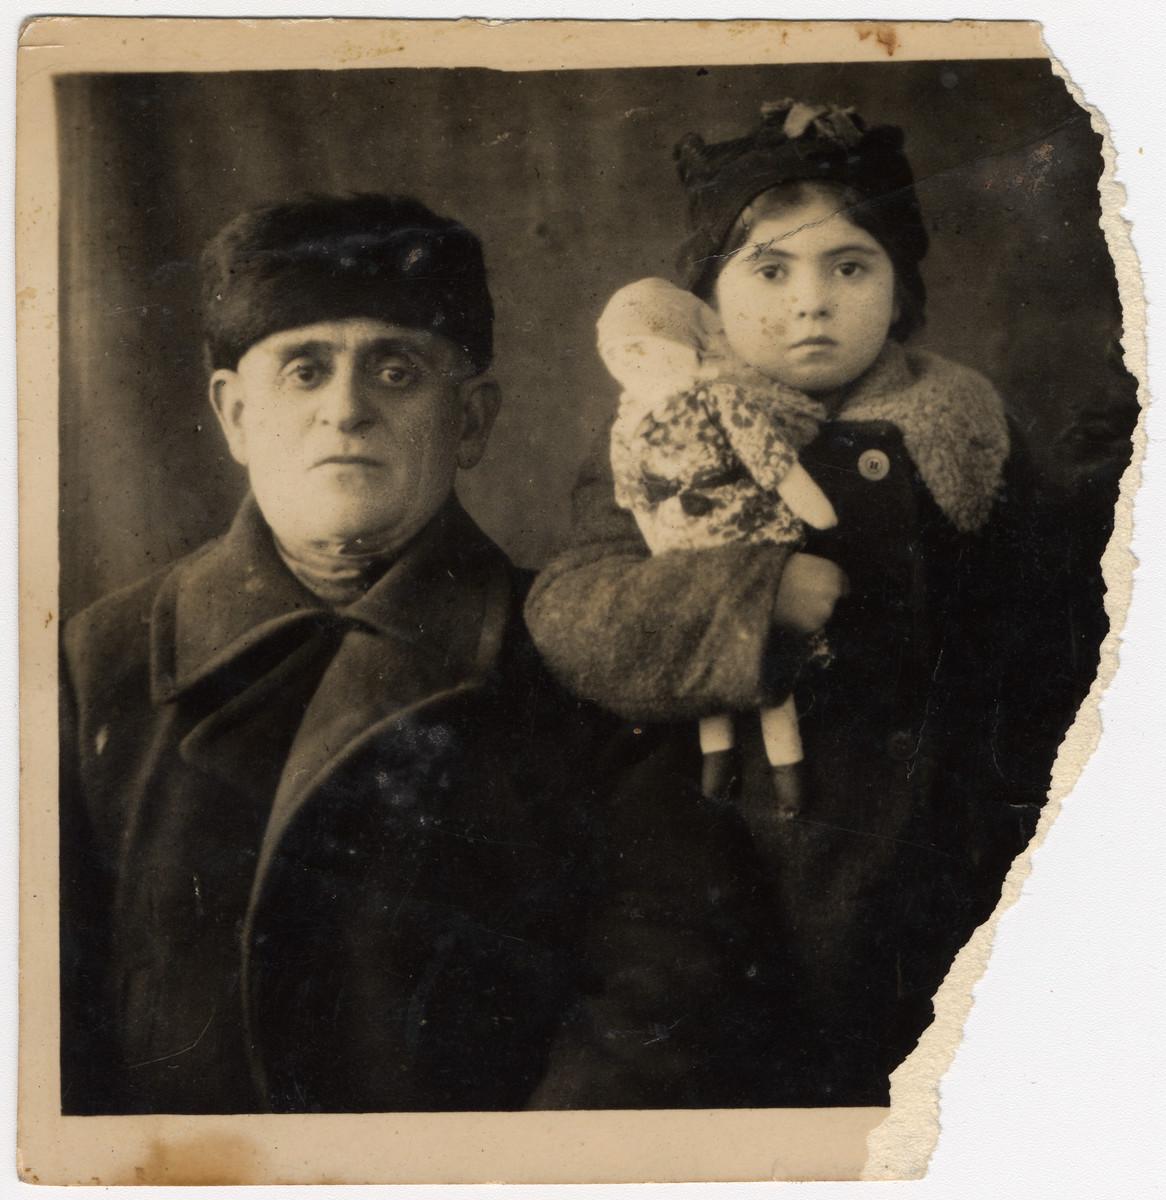 Shmuel Ziegelman poses with his surviving granddaughter Slava.